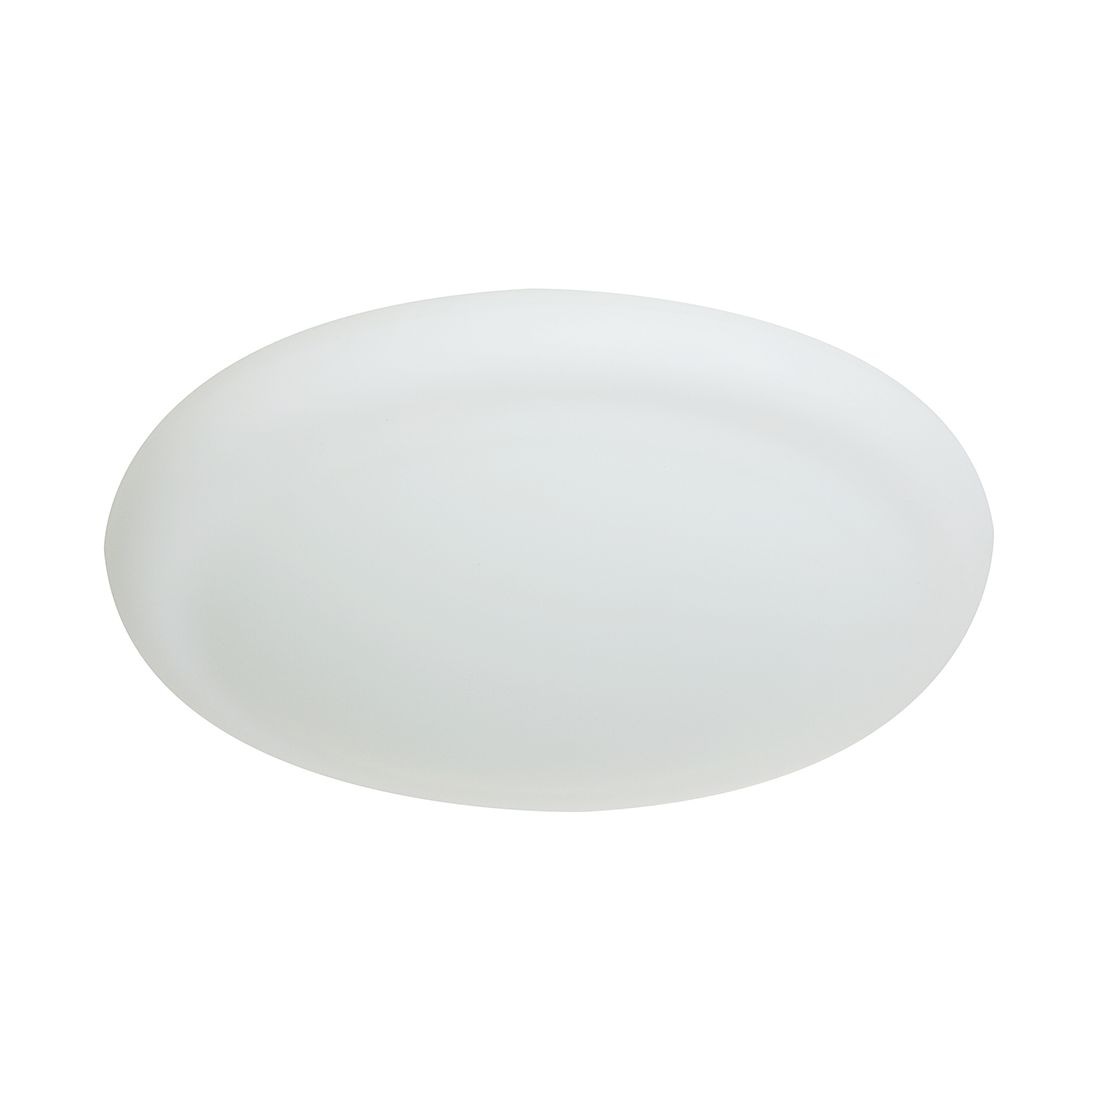 Deckenleuchte 1-flammig ● Weiß Ø 30 cm- Steinhauer A++